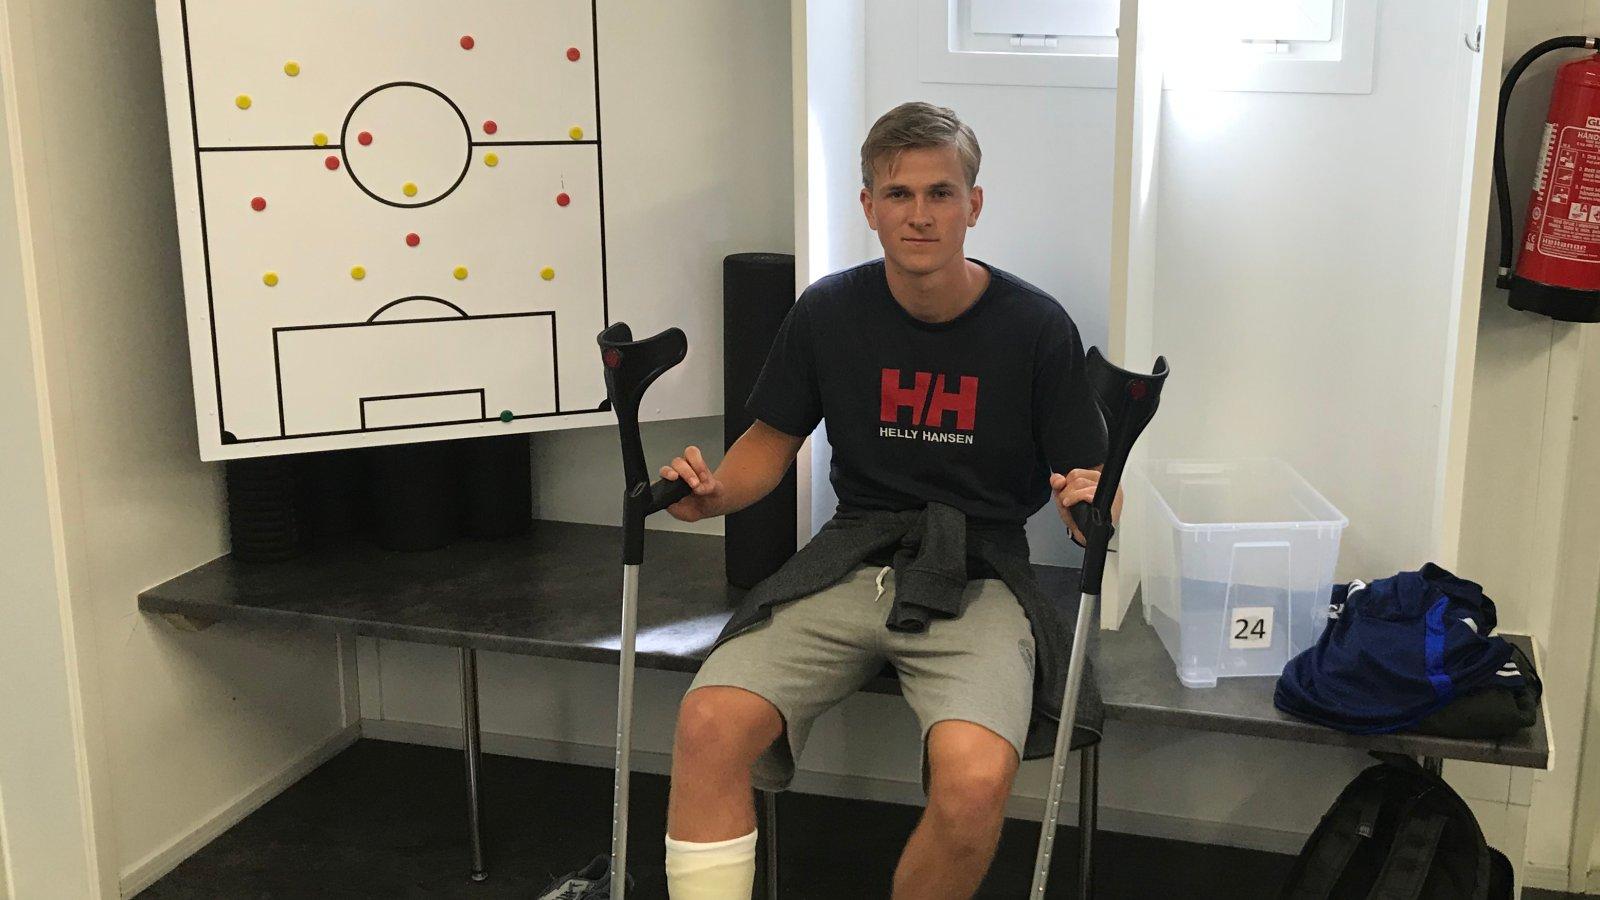 Anders Hylen Pedersen i garderoben med gips etter at akillessenen røk på trening 4. juli 2019.